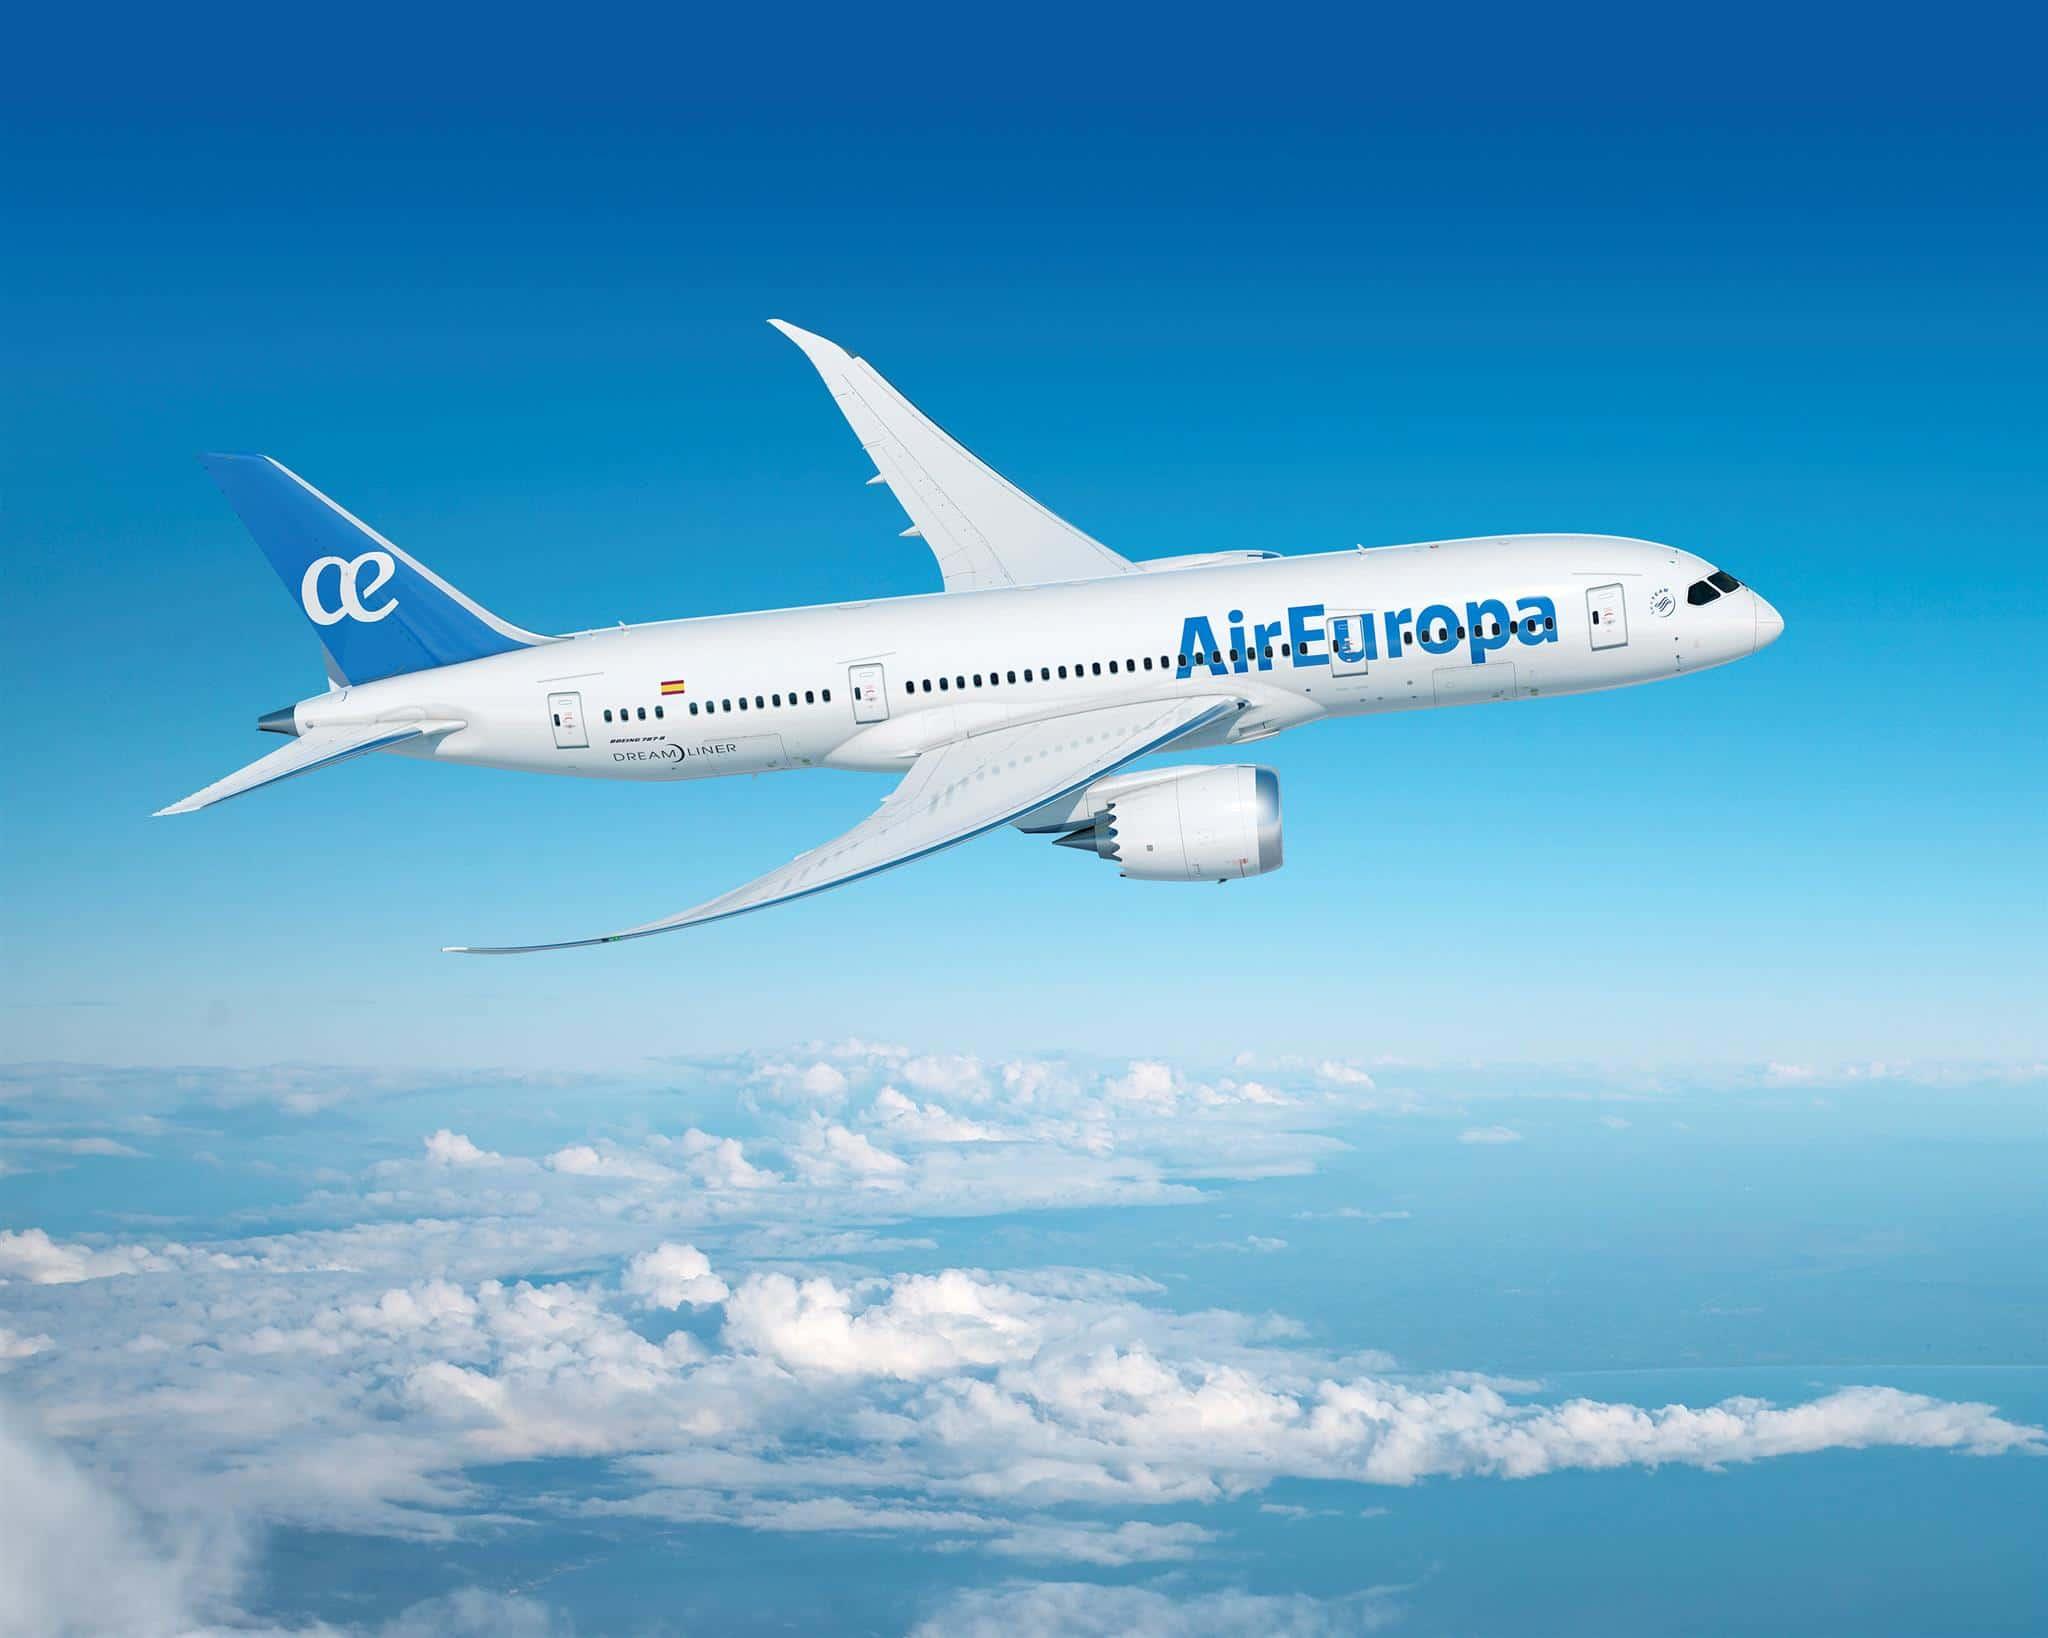 """شهر بعد رفع إسبانيا حظر السفر على تونس : """"Air Europa"""" تعود بـ 4 رحلات أسبوعيا"""